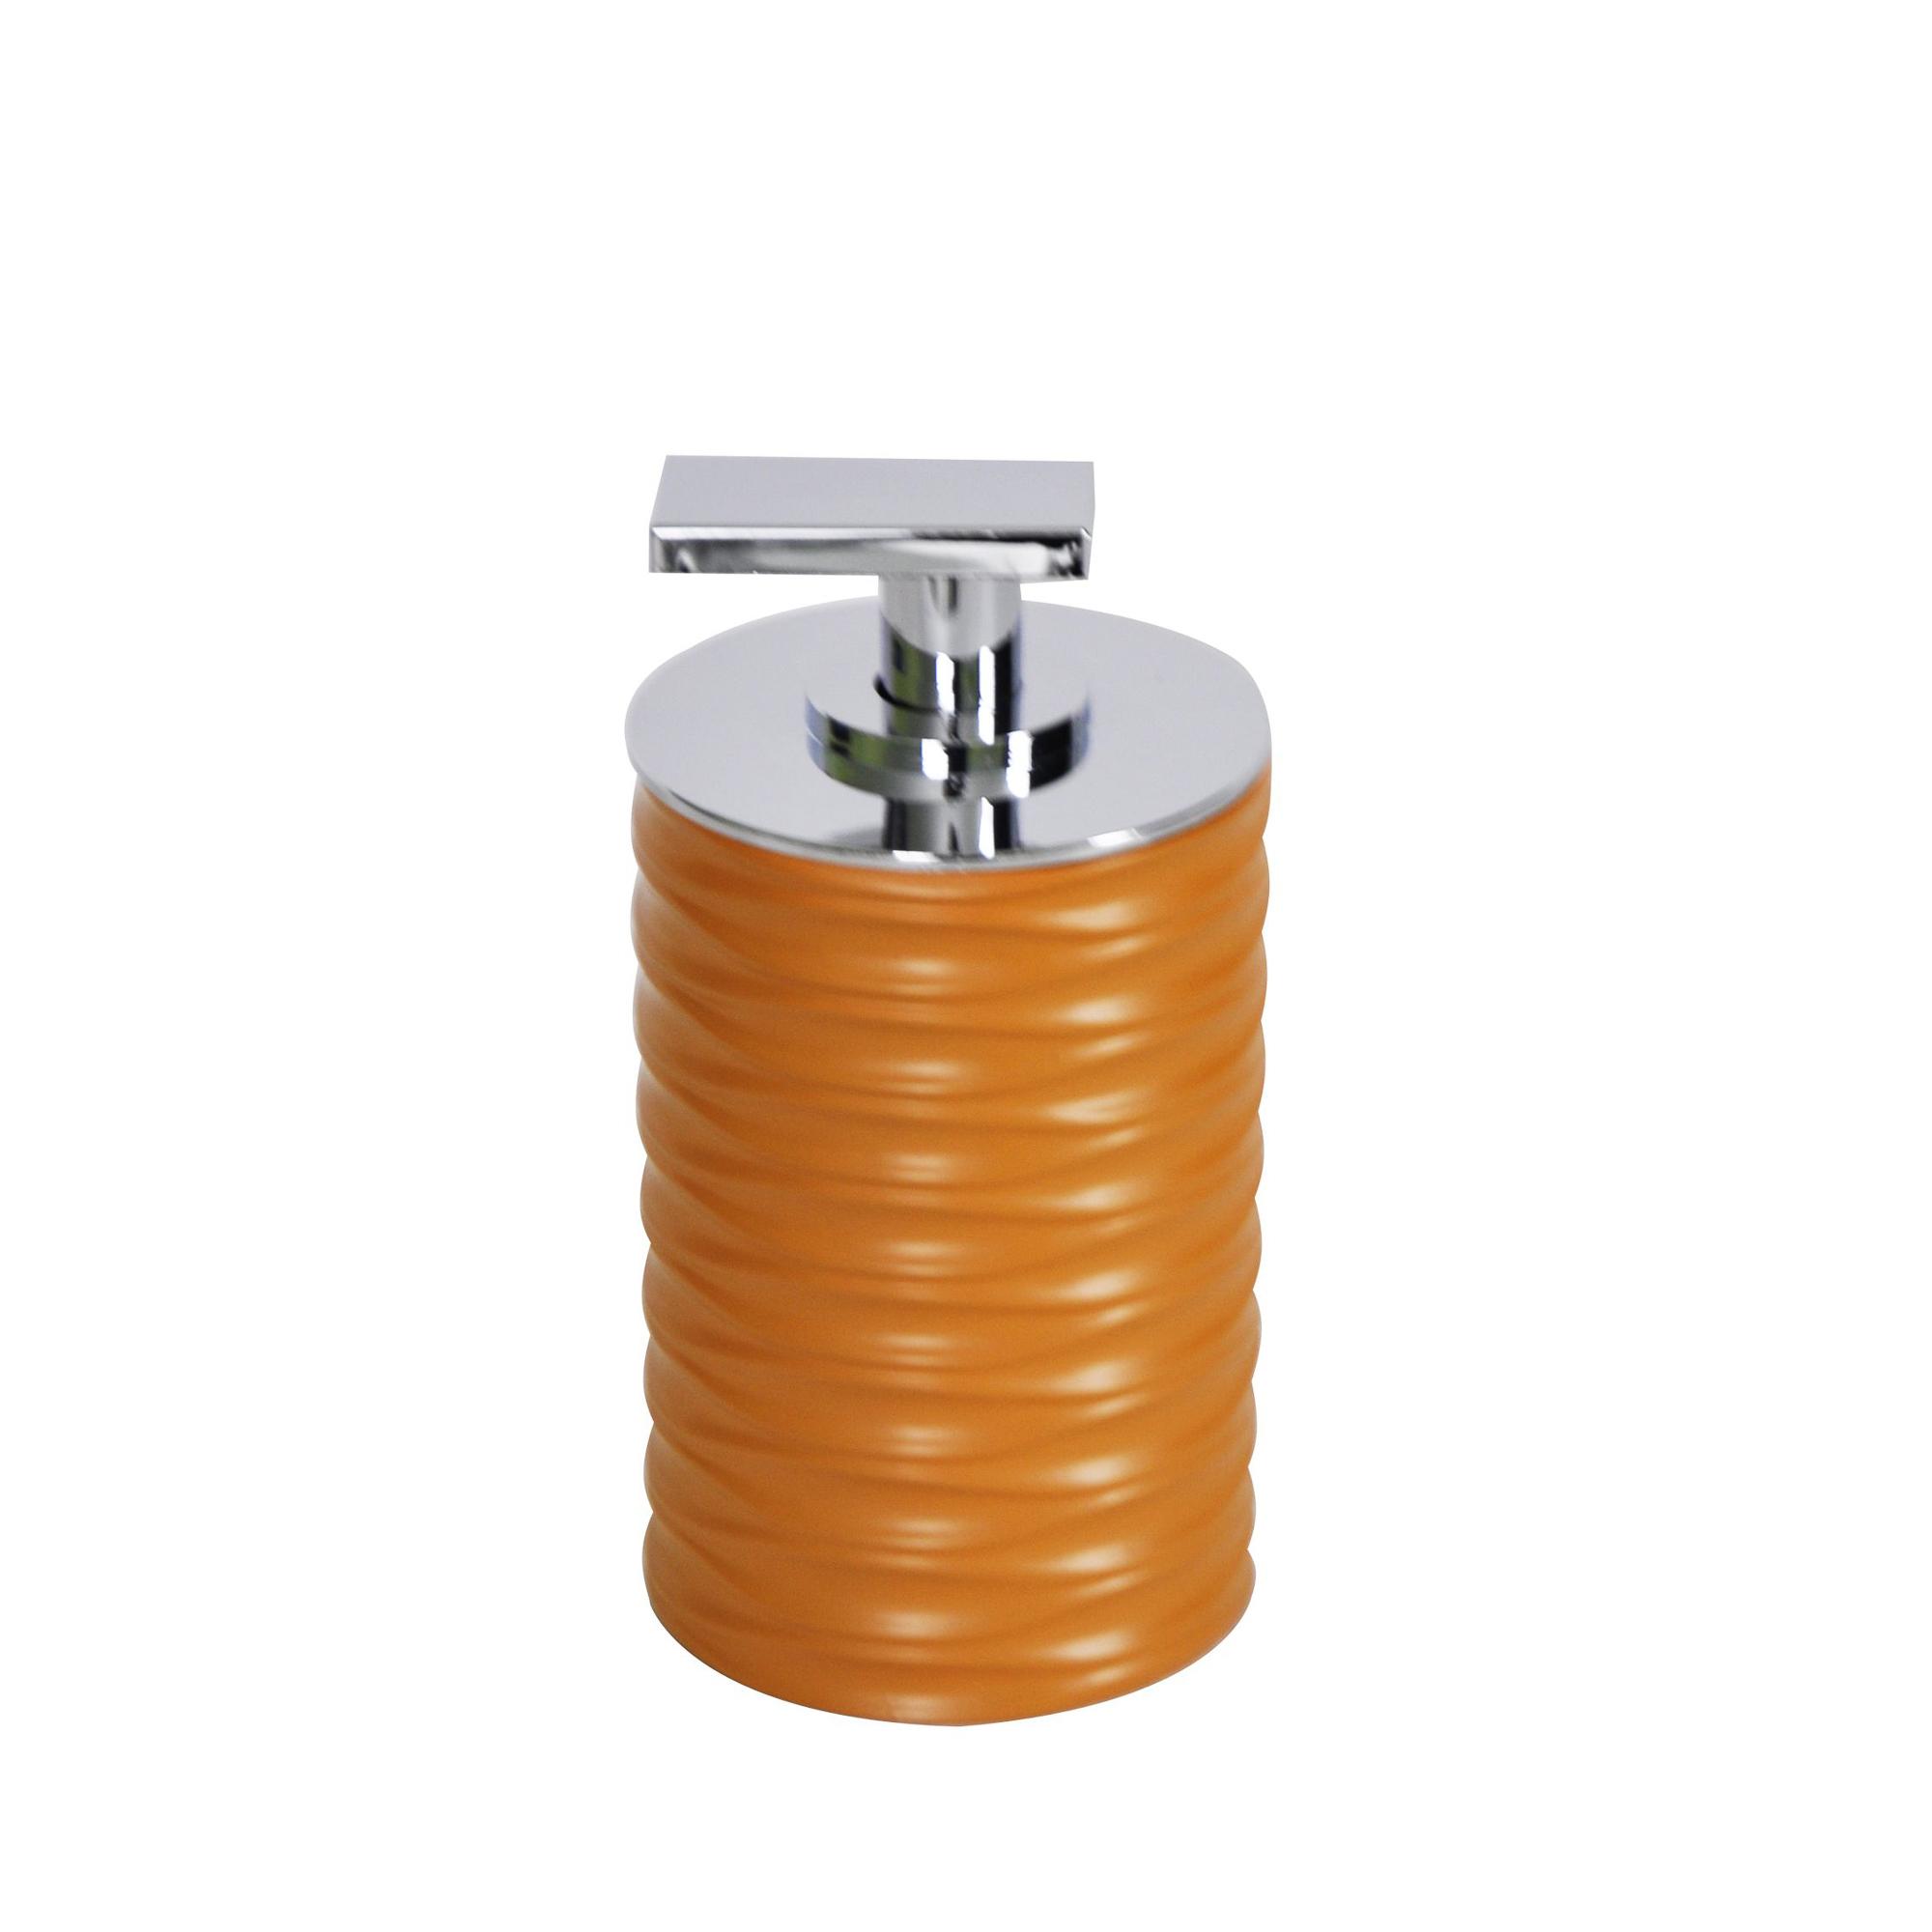 Дозатор для жидкого мыла Swing оранжевый Ridder дозатор для жидкого мыла am pm like a8036900